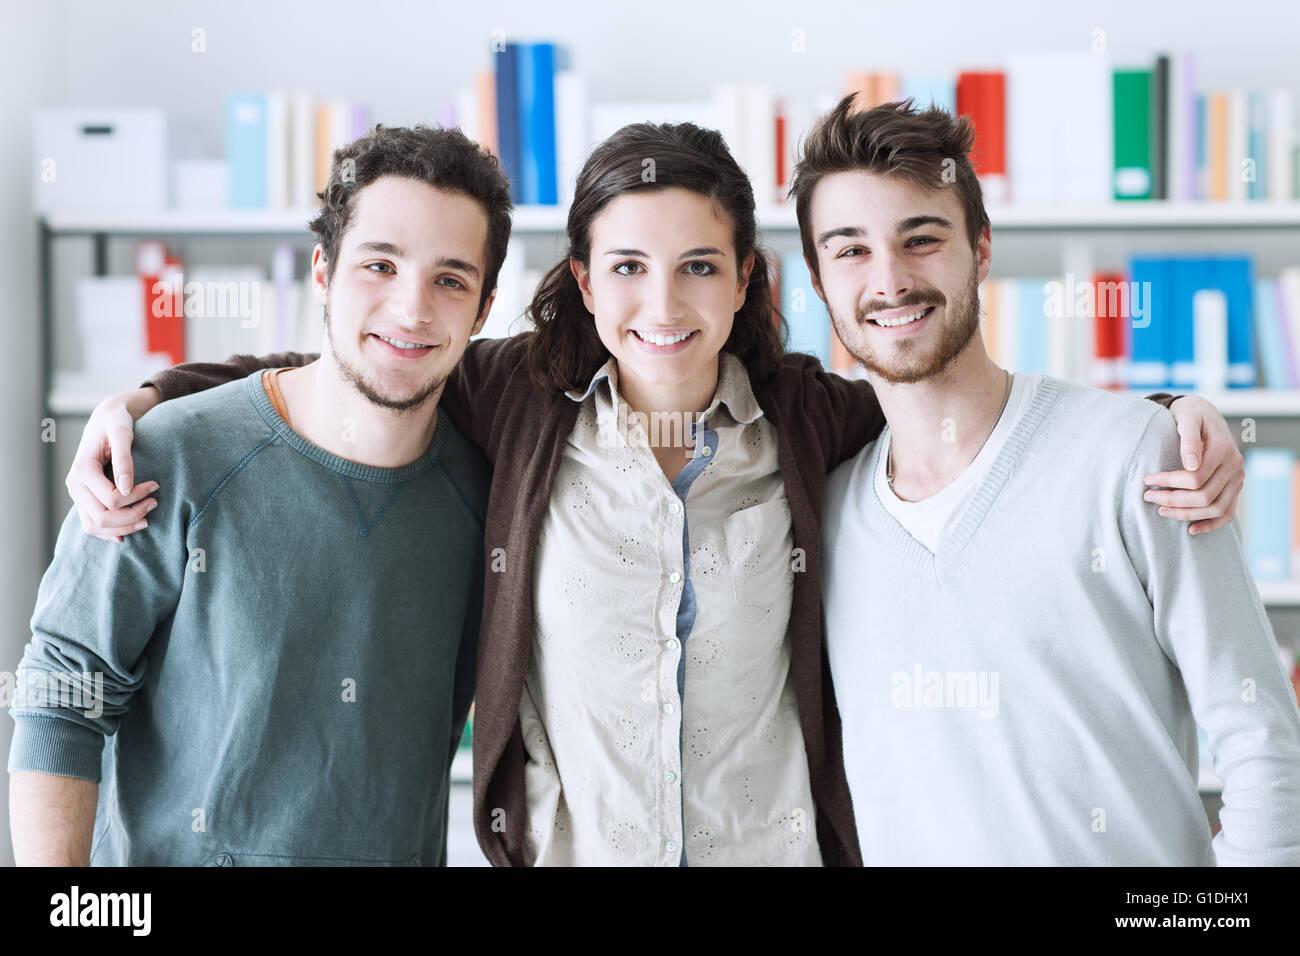 Adolescente amici presso la libreria in posa insieme e abbracciando, la gioventù e il concetto di amicizia Immagini Stock